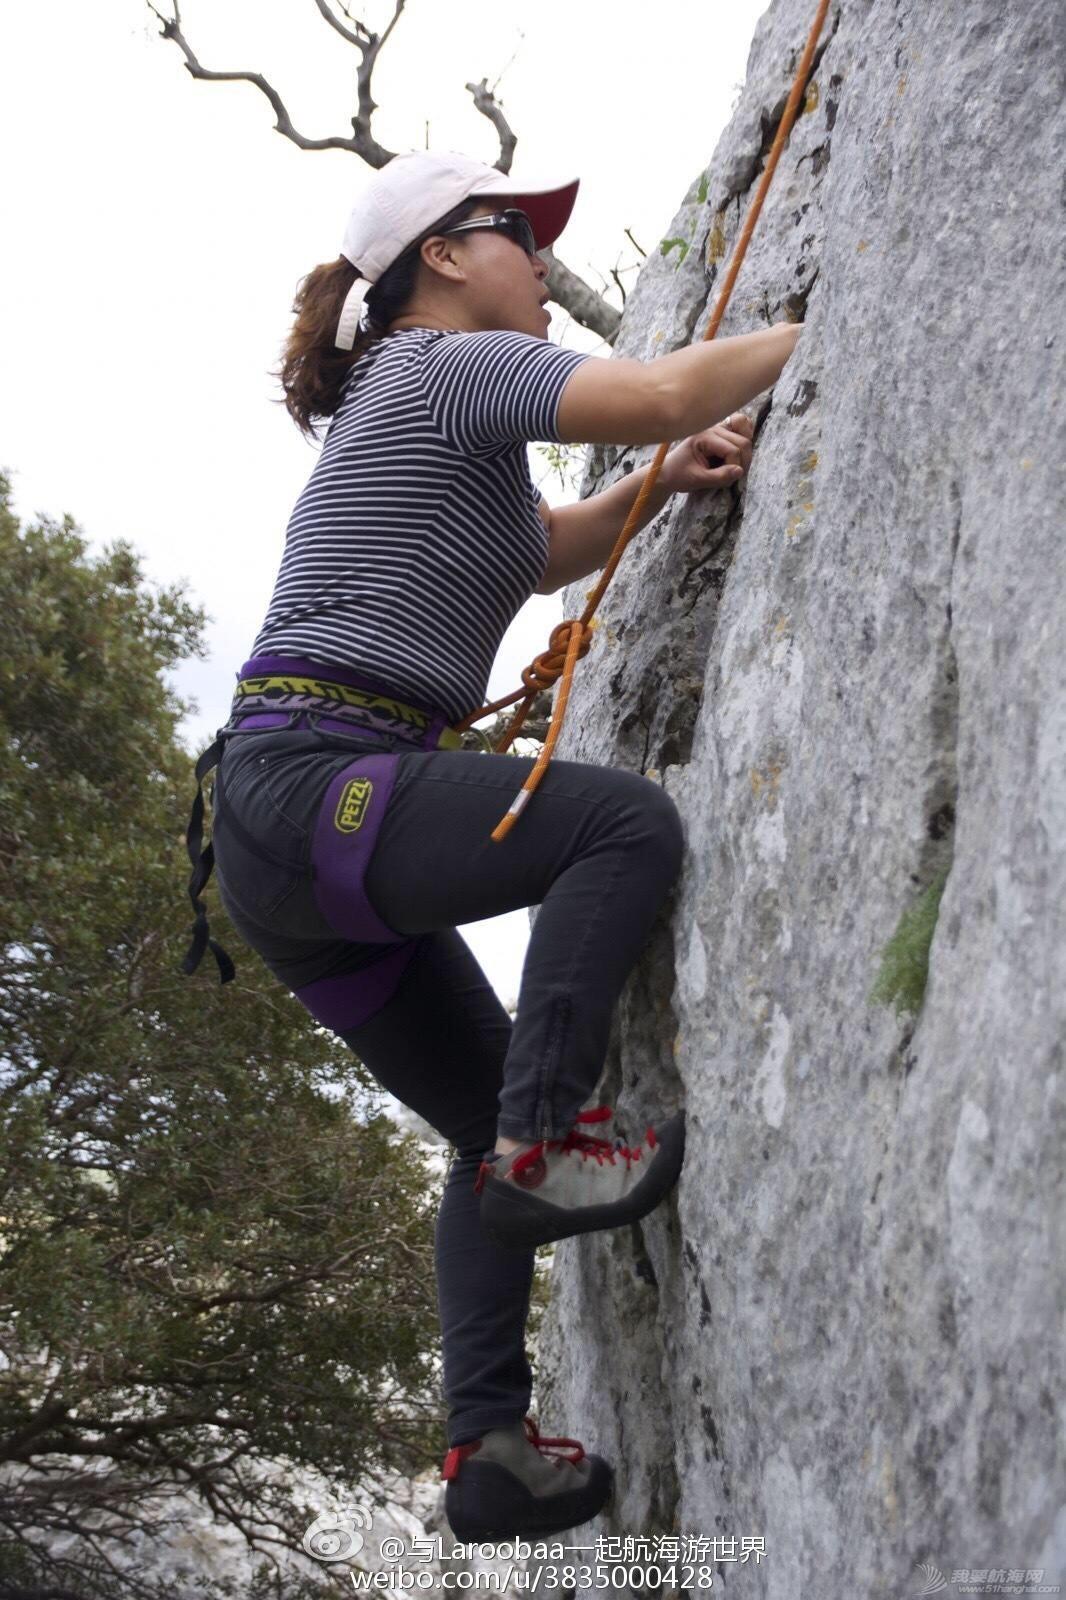 风力发电机,下一步,落脚点,攀岩,老公 人生中第一次攀岩挑战成功 image.jpg